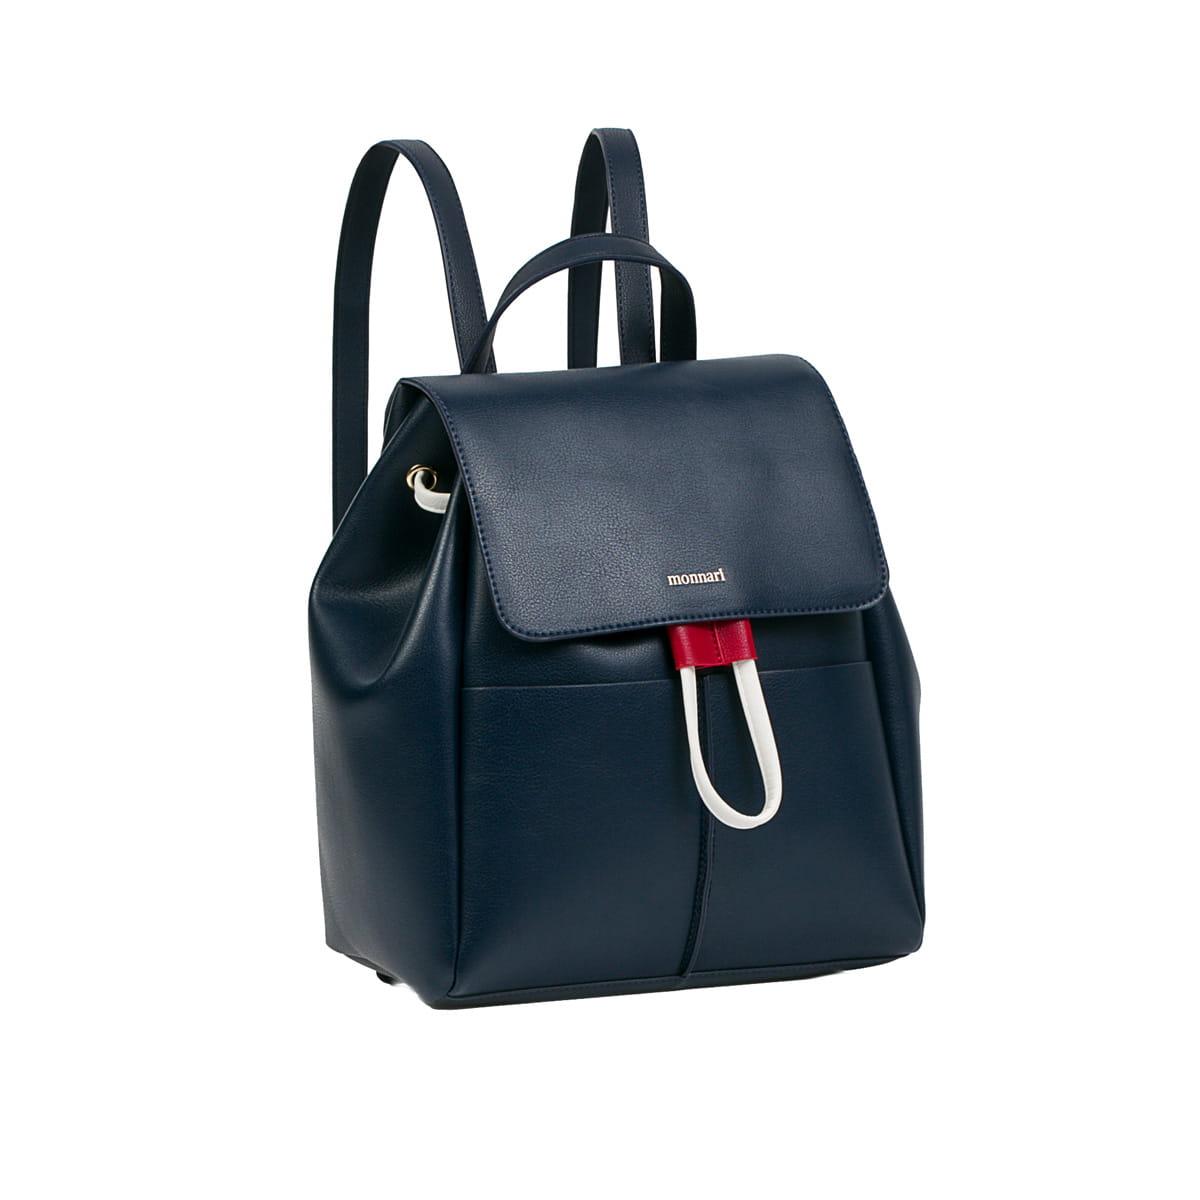 016a38dbf3a0d Monnari Torebka Damska plecak BAG 5440 granatowy. shoper1.jpg. nowość.  shoper1.jpg · 1.jpg · 2.jpg ...